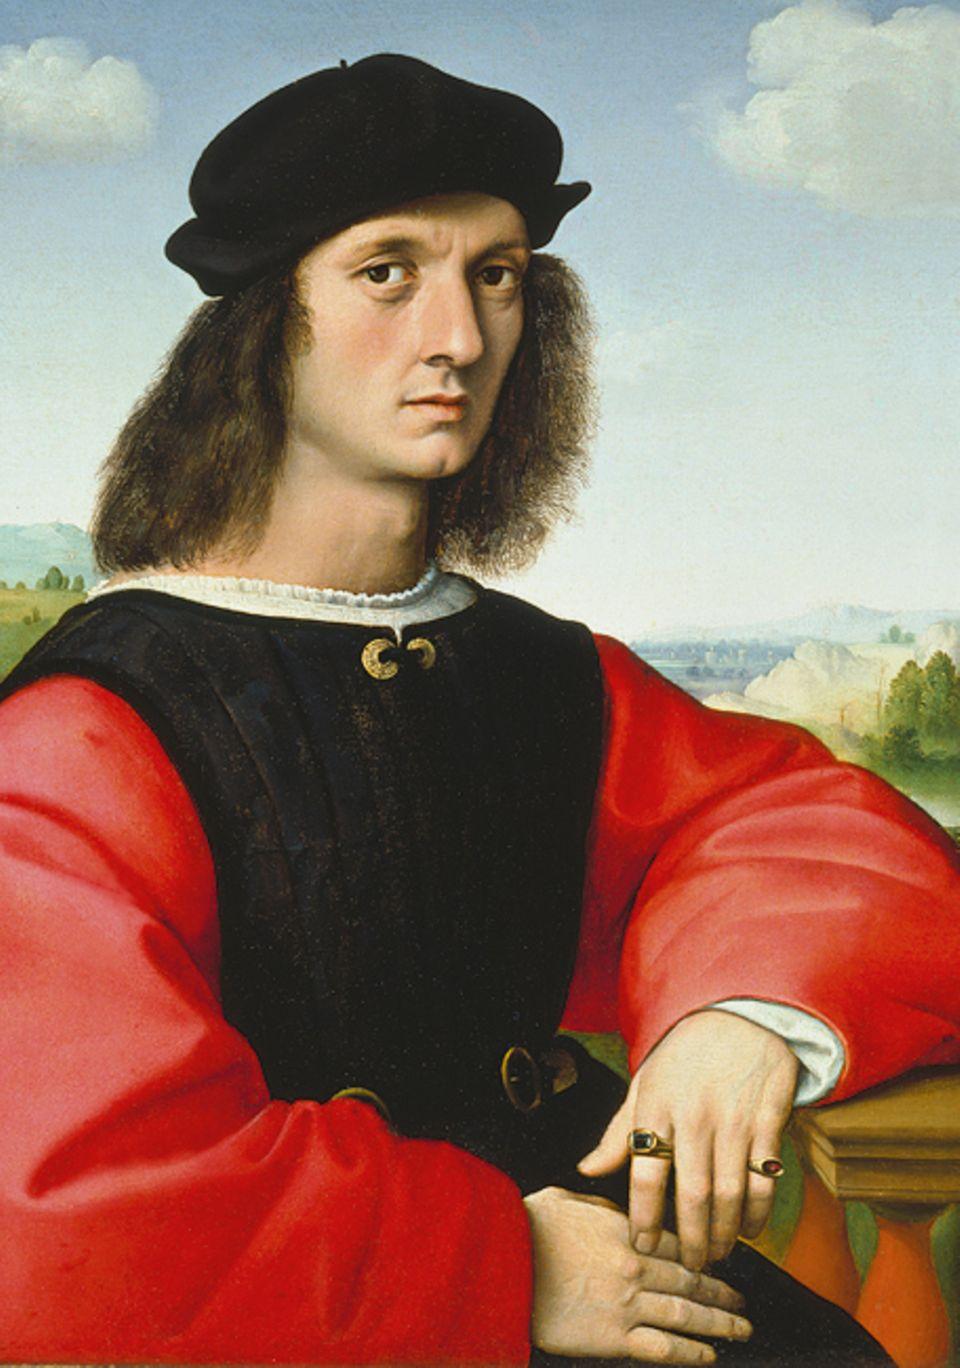 Florenz um 1300: Selbstbewusst lassen sich die Angehörigen der neuen Kaufmannselite von den angesehensten Künstlern ihrer Zeit porträtieren - wie hier ein Florentiner Geschäftsmann um 1506 von dem berühmten Raffael